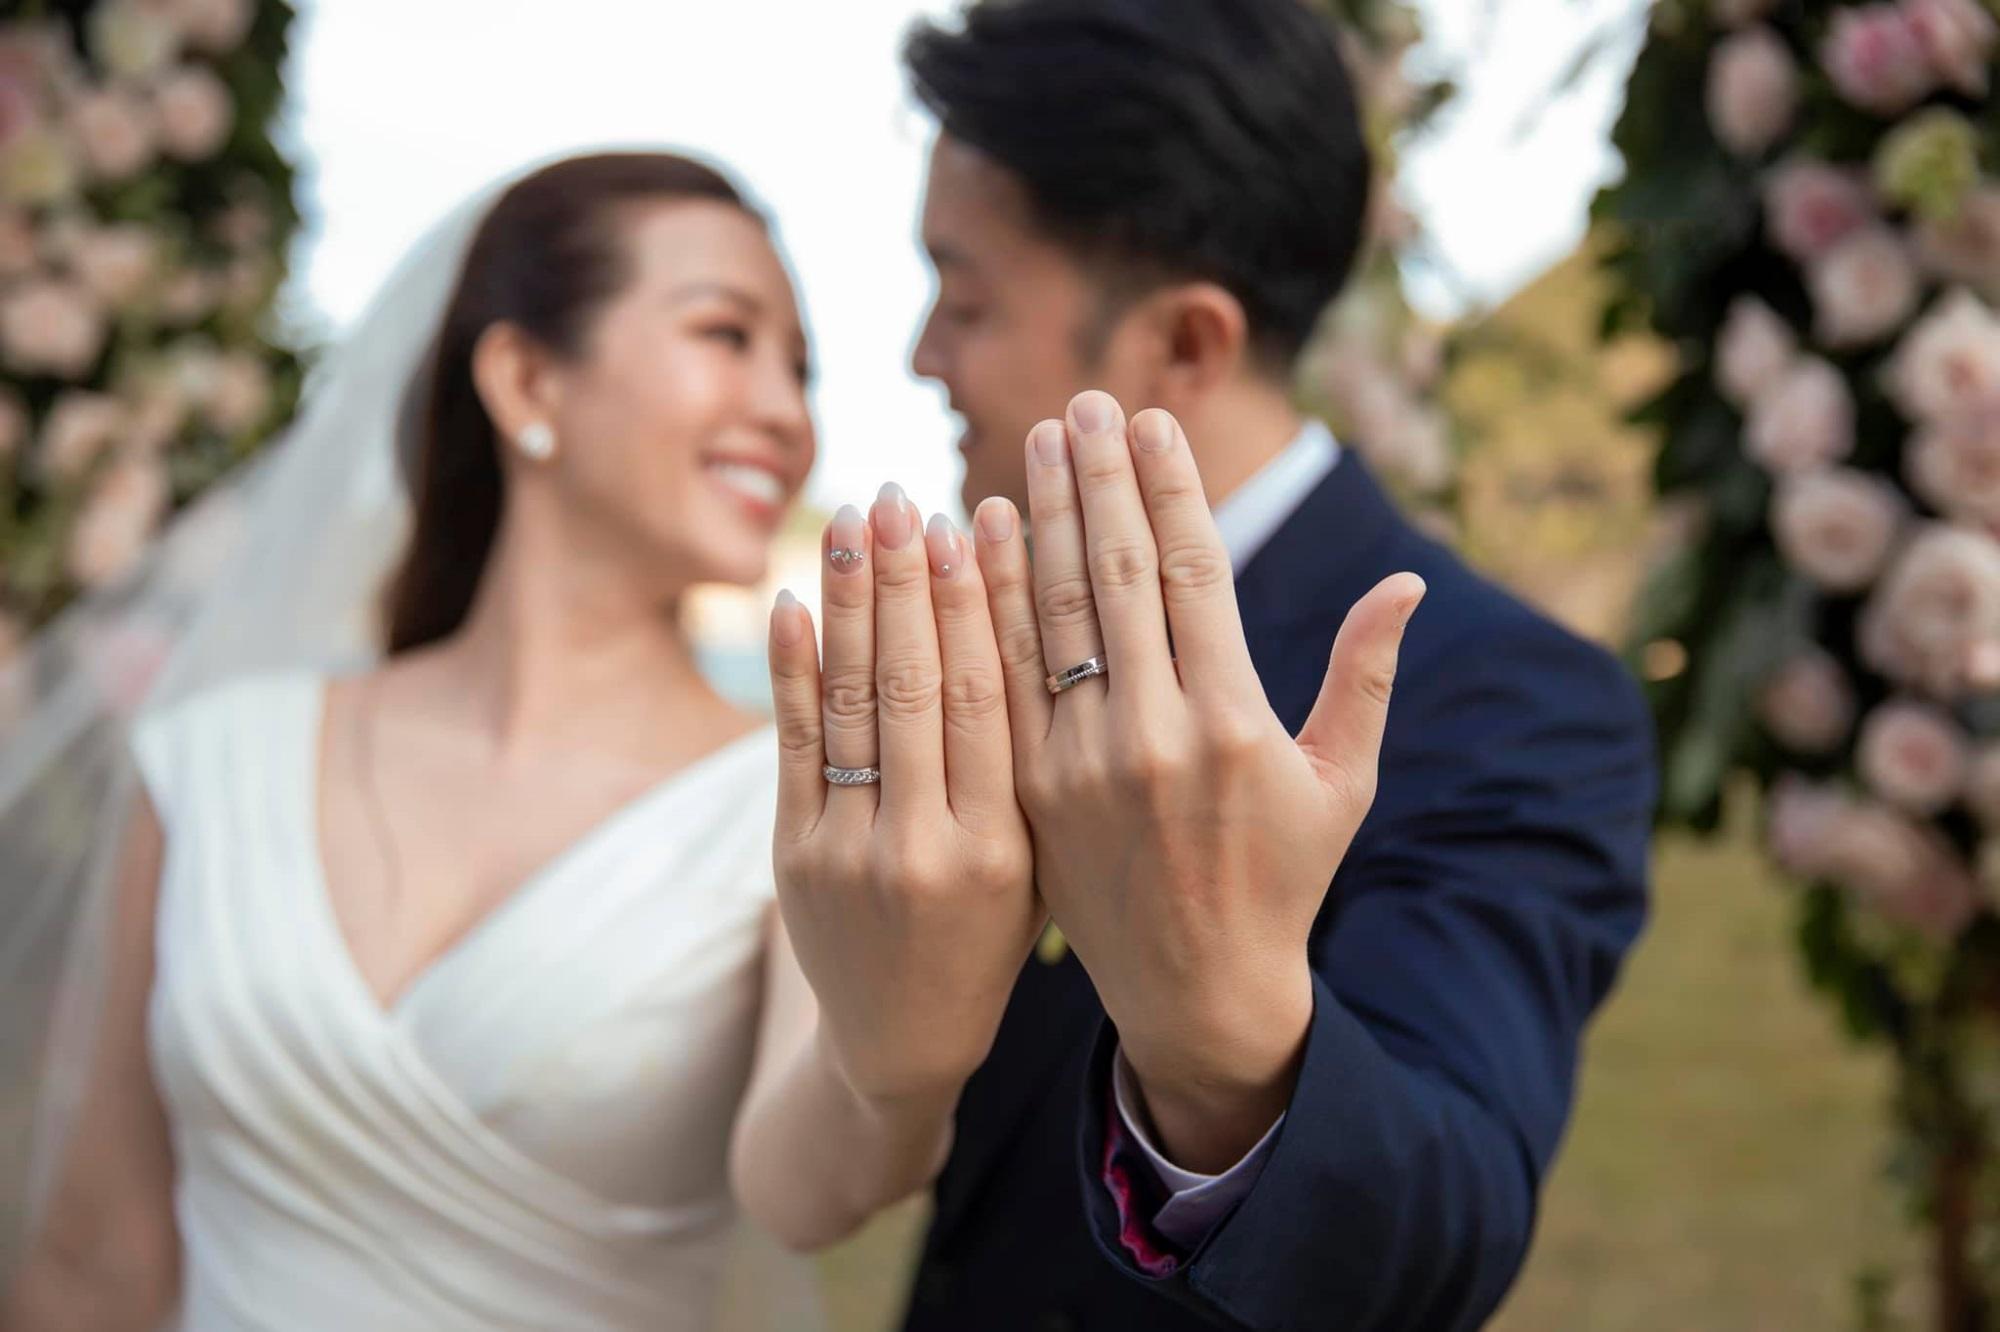 Hôn nhân tan vỡ, mỹ nhân Việt nên duyên cùng tình trẻ: Người được cưng chiều hết nấc, người kết hôn cùng 'phi công' kém 10 tuổi  - Ảnh 8